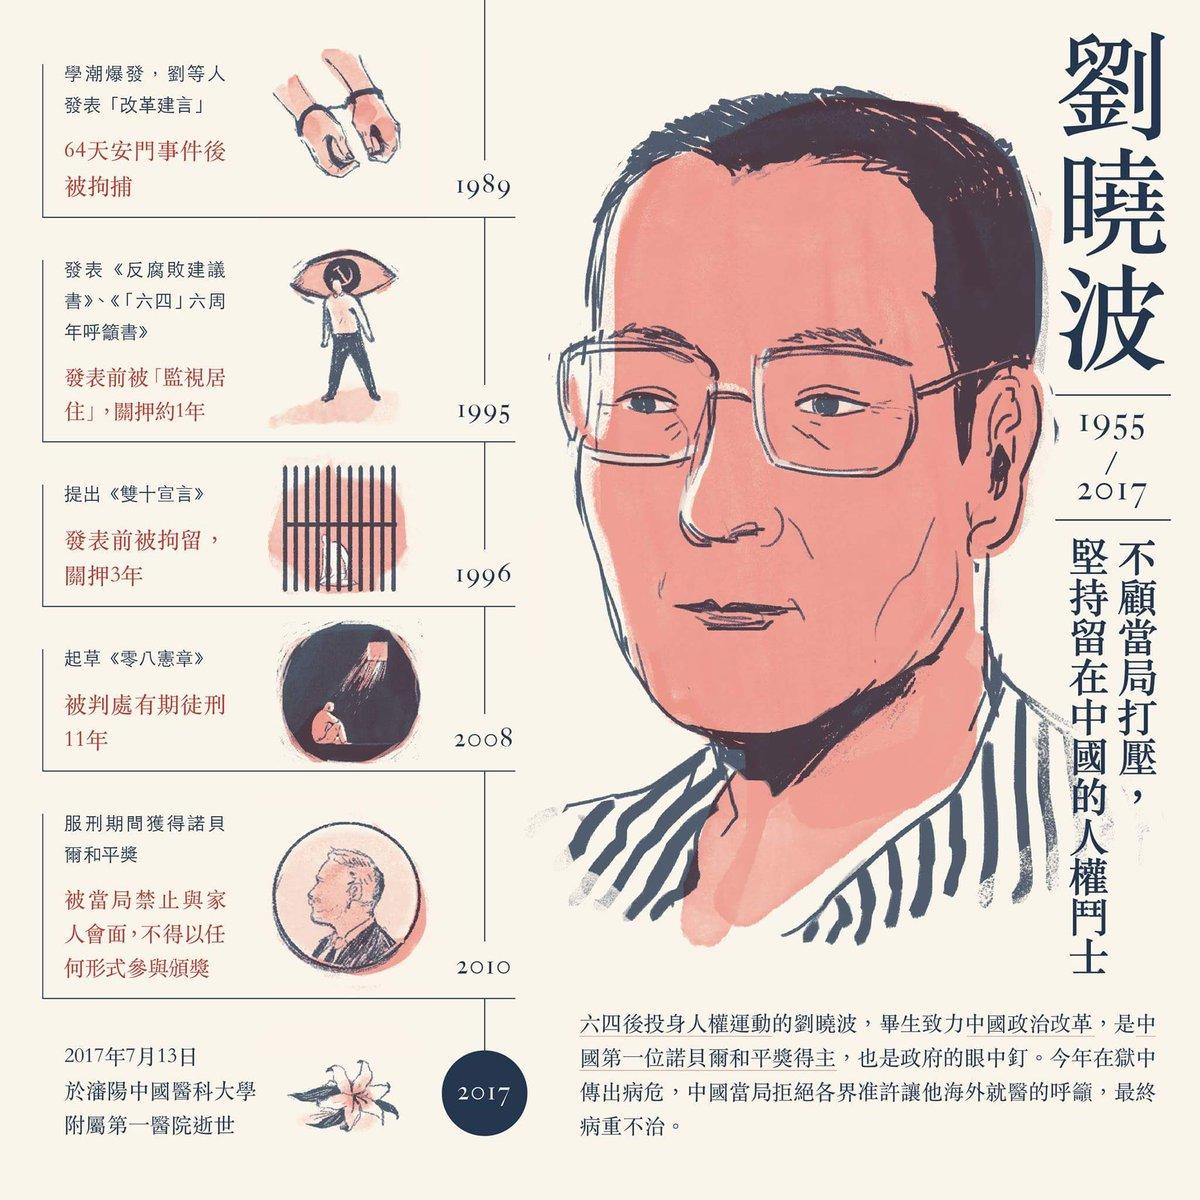 中國有半數以上的人不知道劉曉波是誰。 #廣傳 https://t.co/zFjgI4kuNl